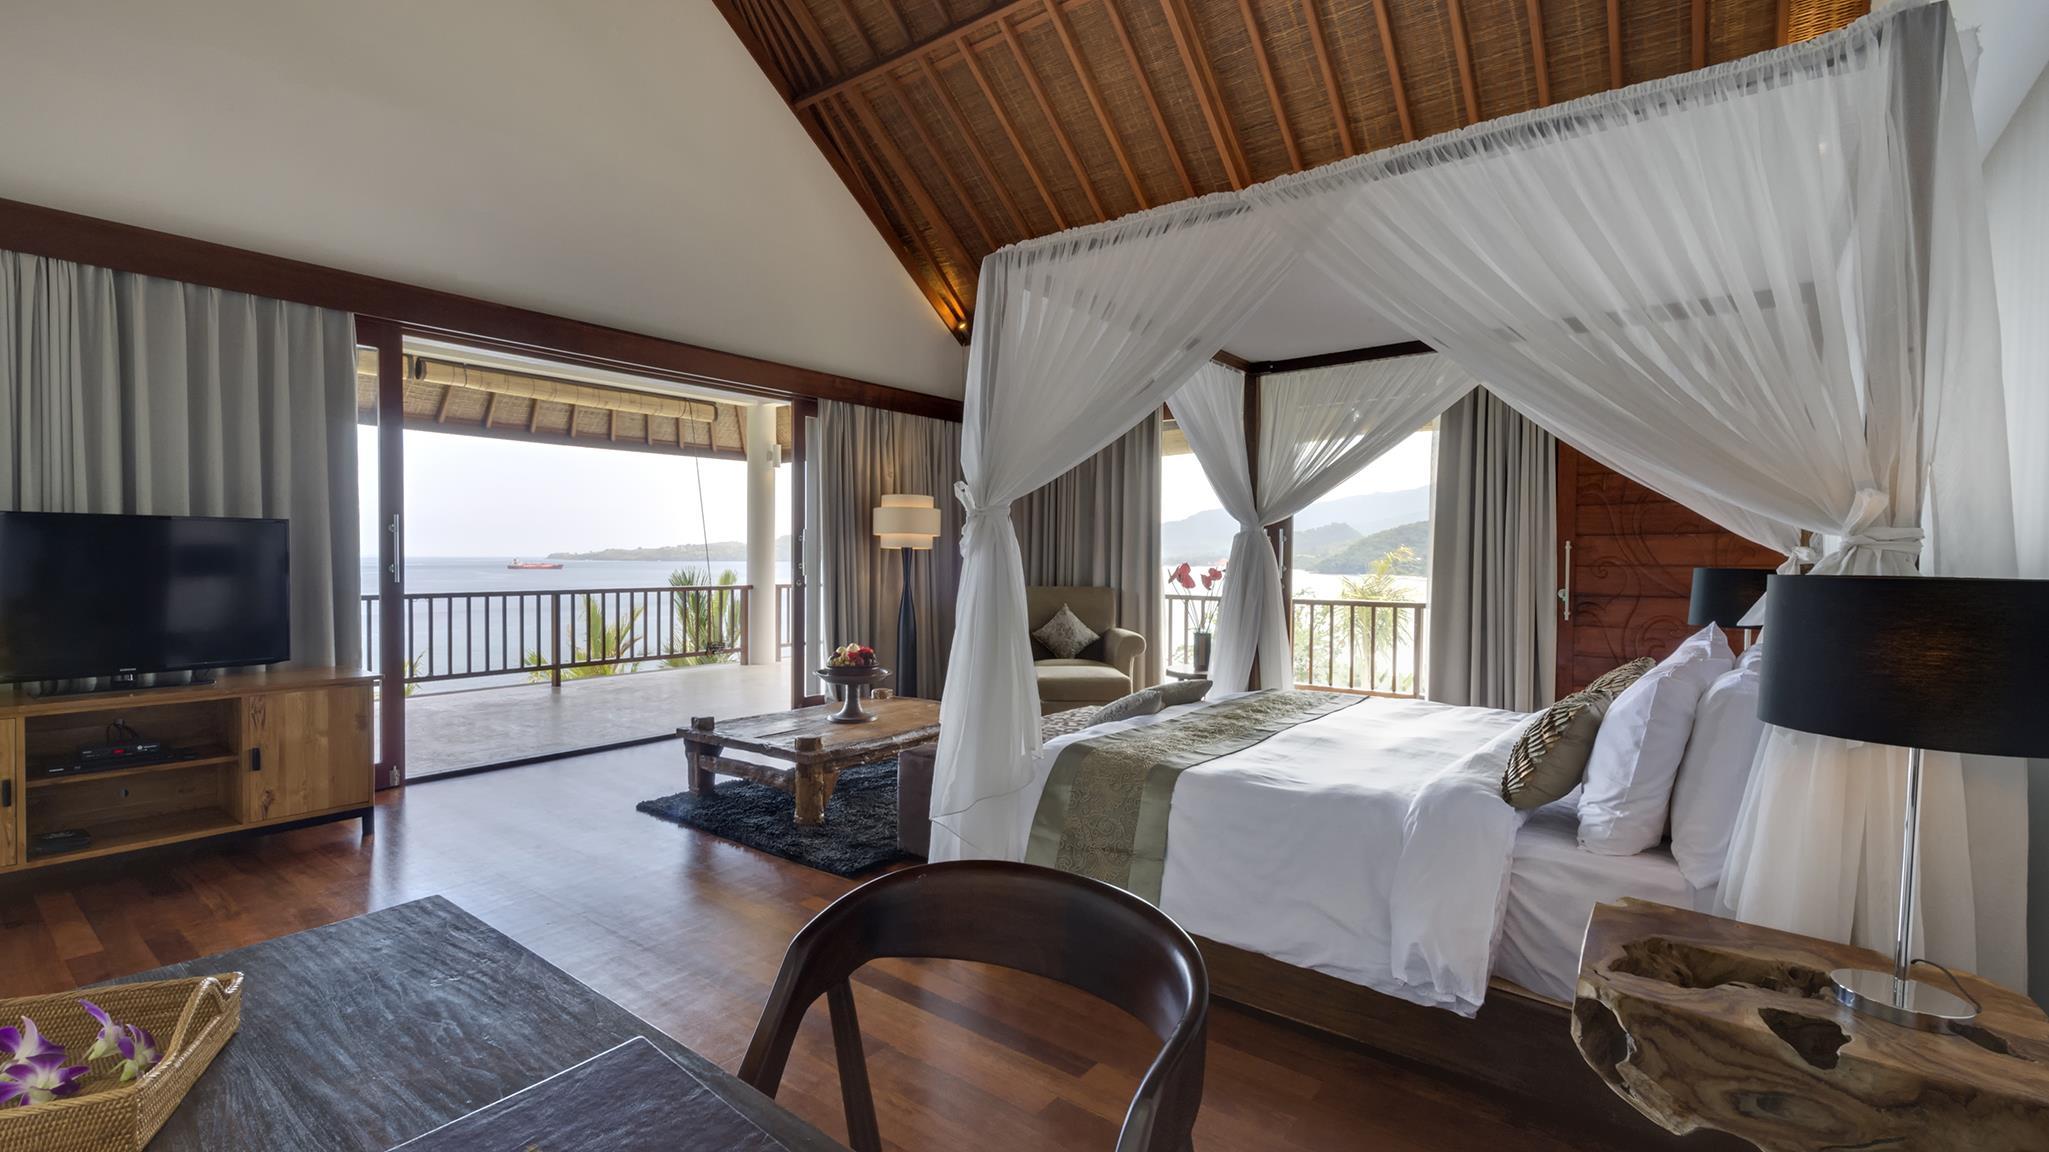 Bedroom and Balcony - Villa Asada - Candidasa, Bali